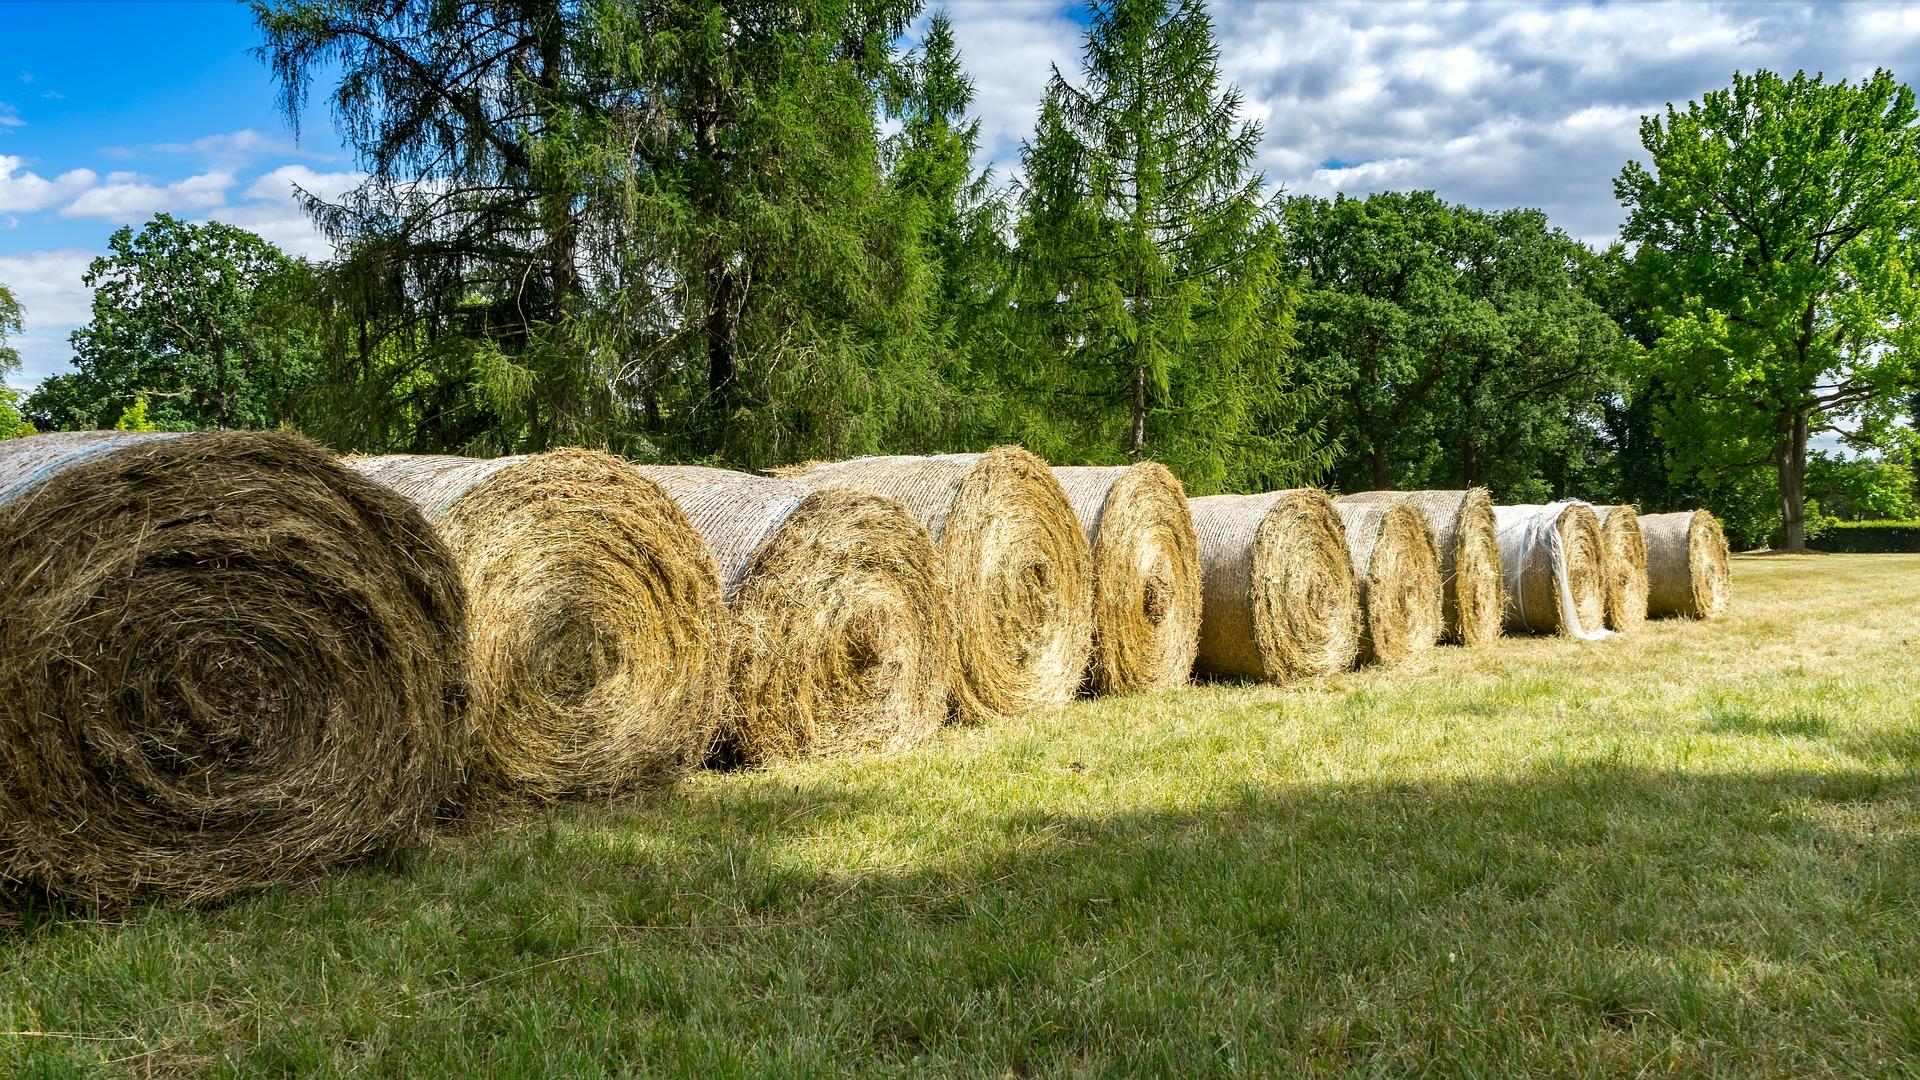 hay-bales-3526962_1920